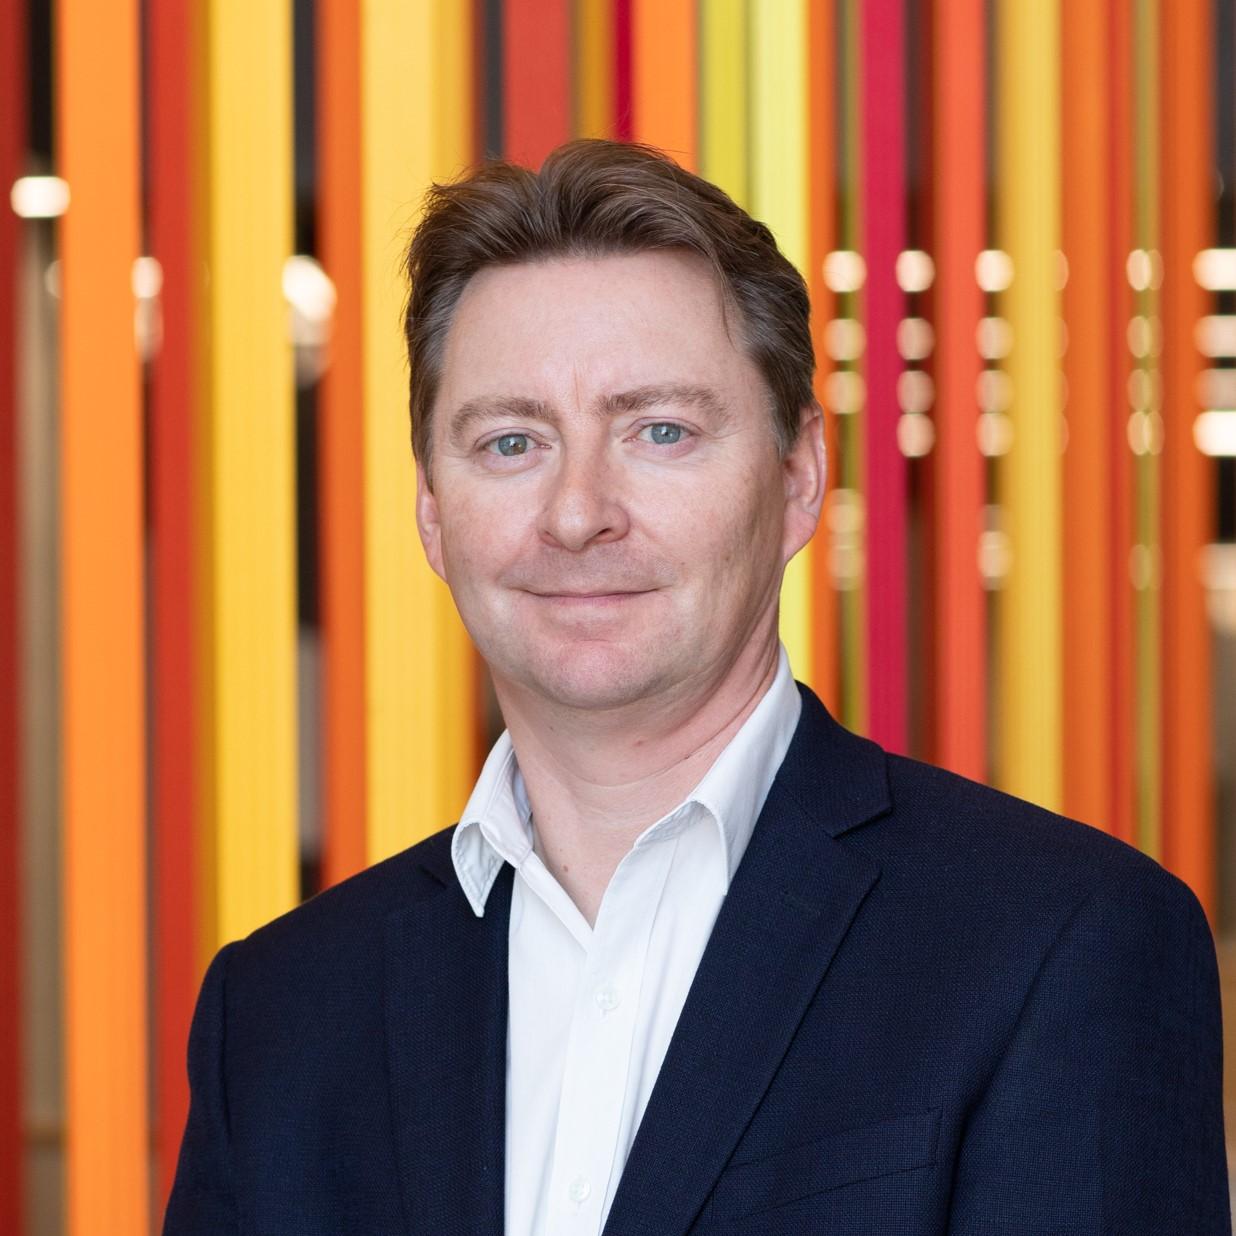 Professor Peter Andrew White